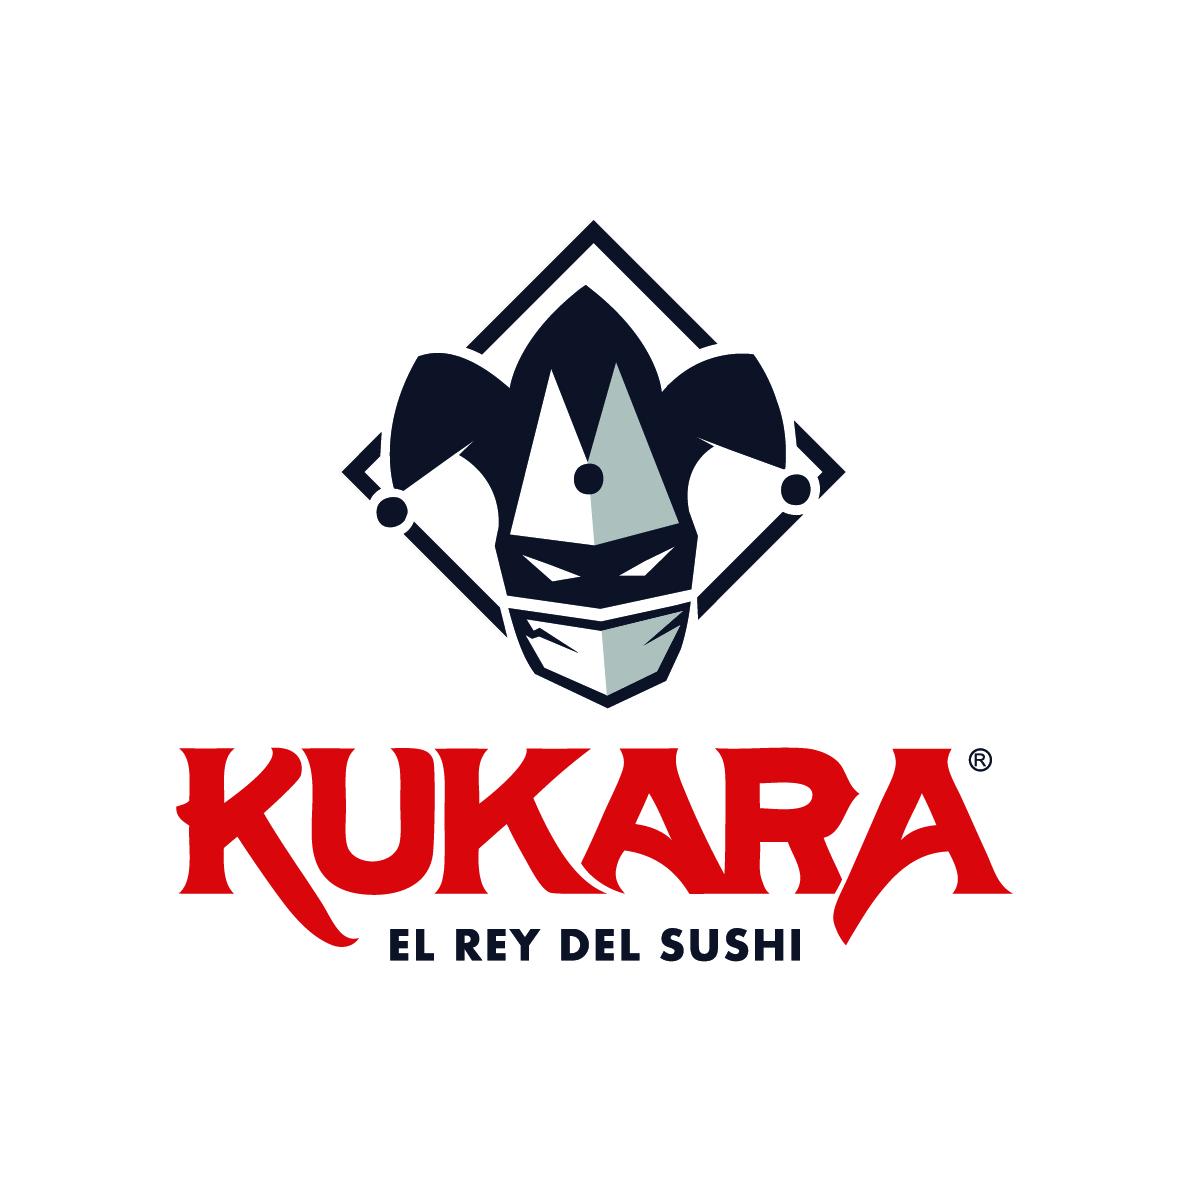 KUKARA